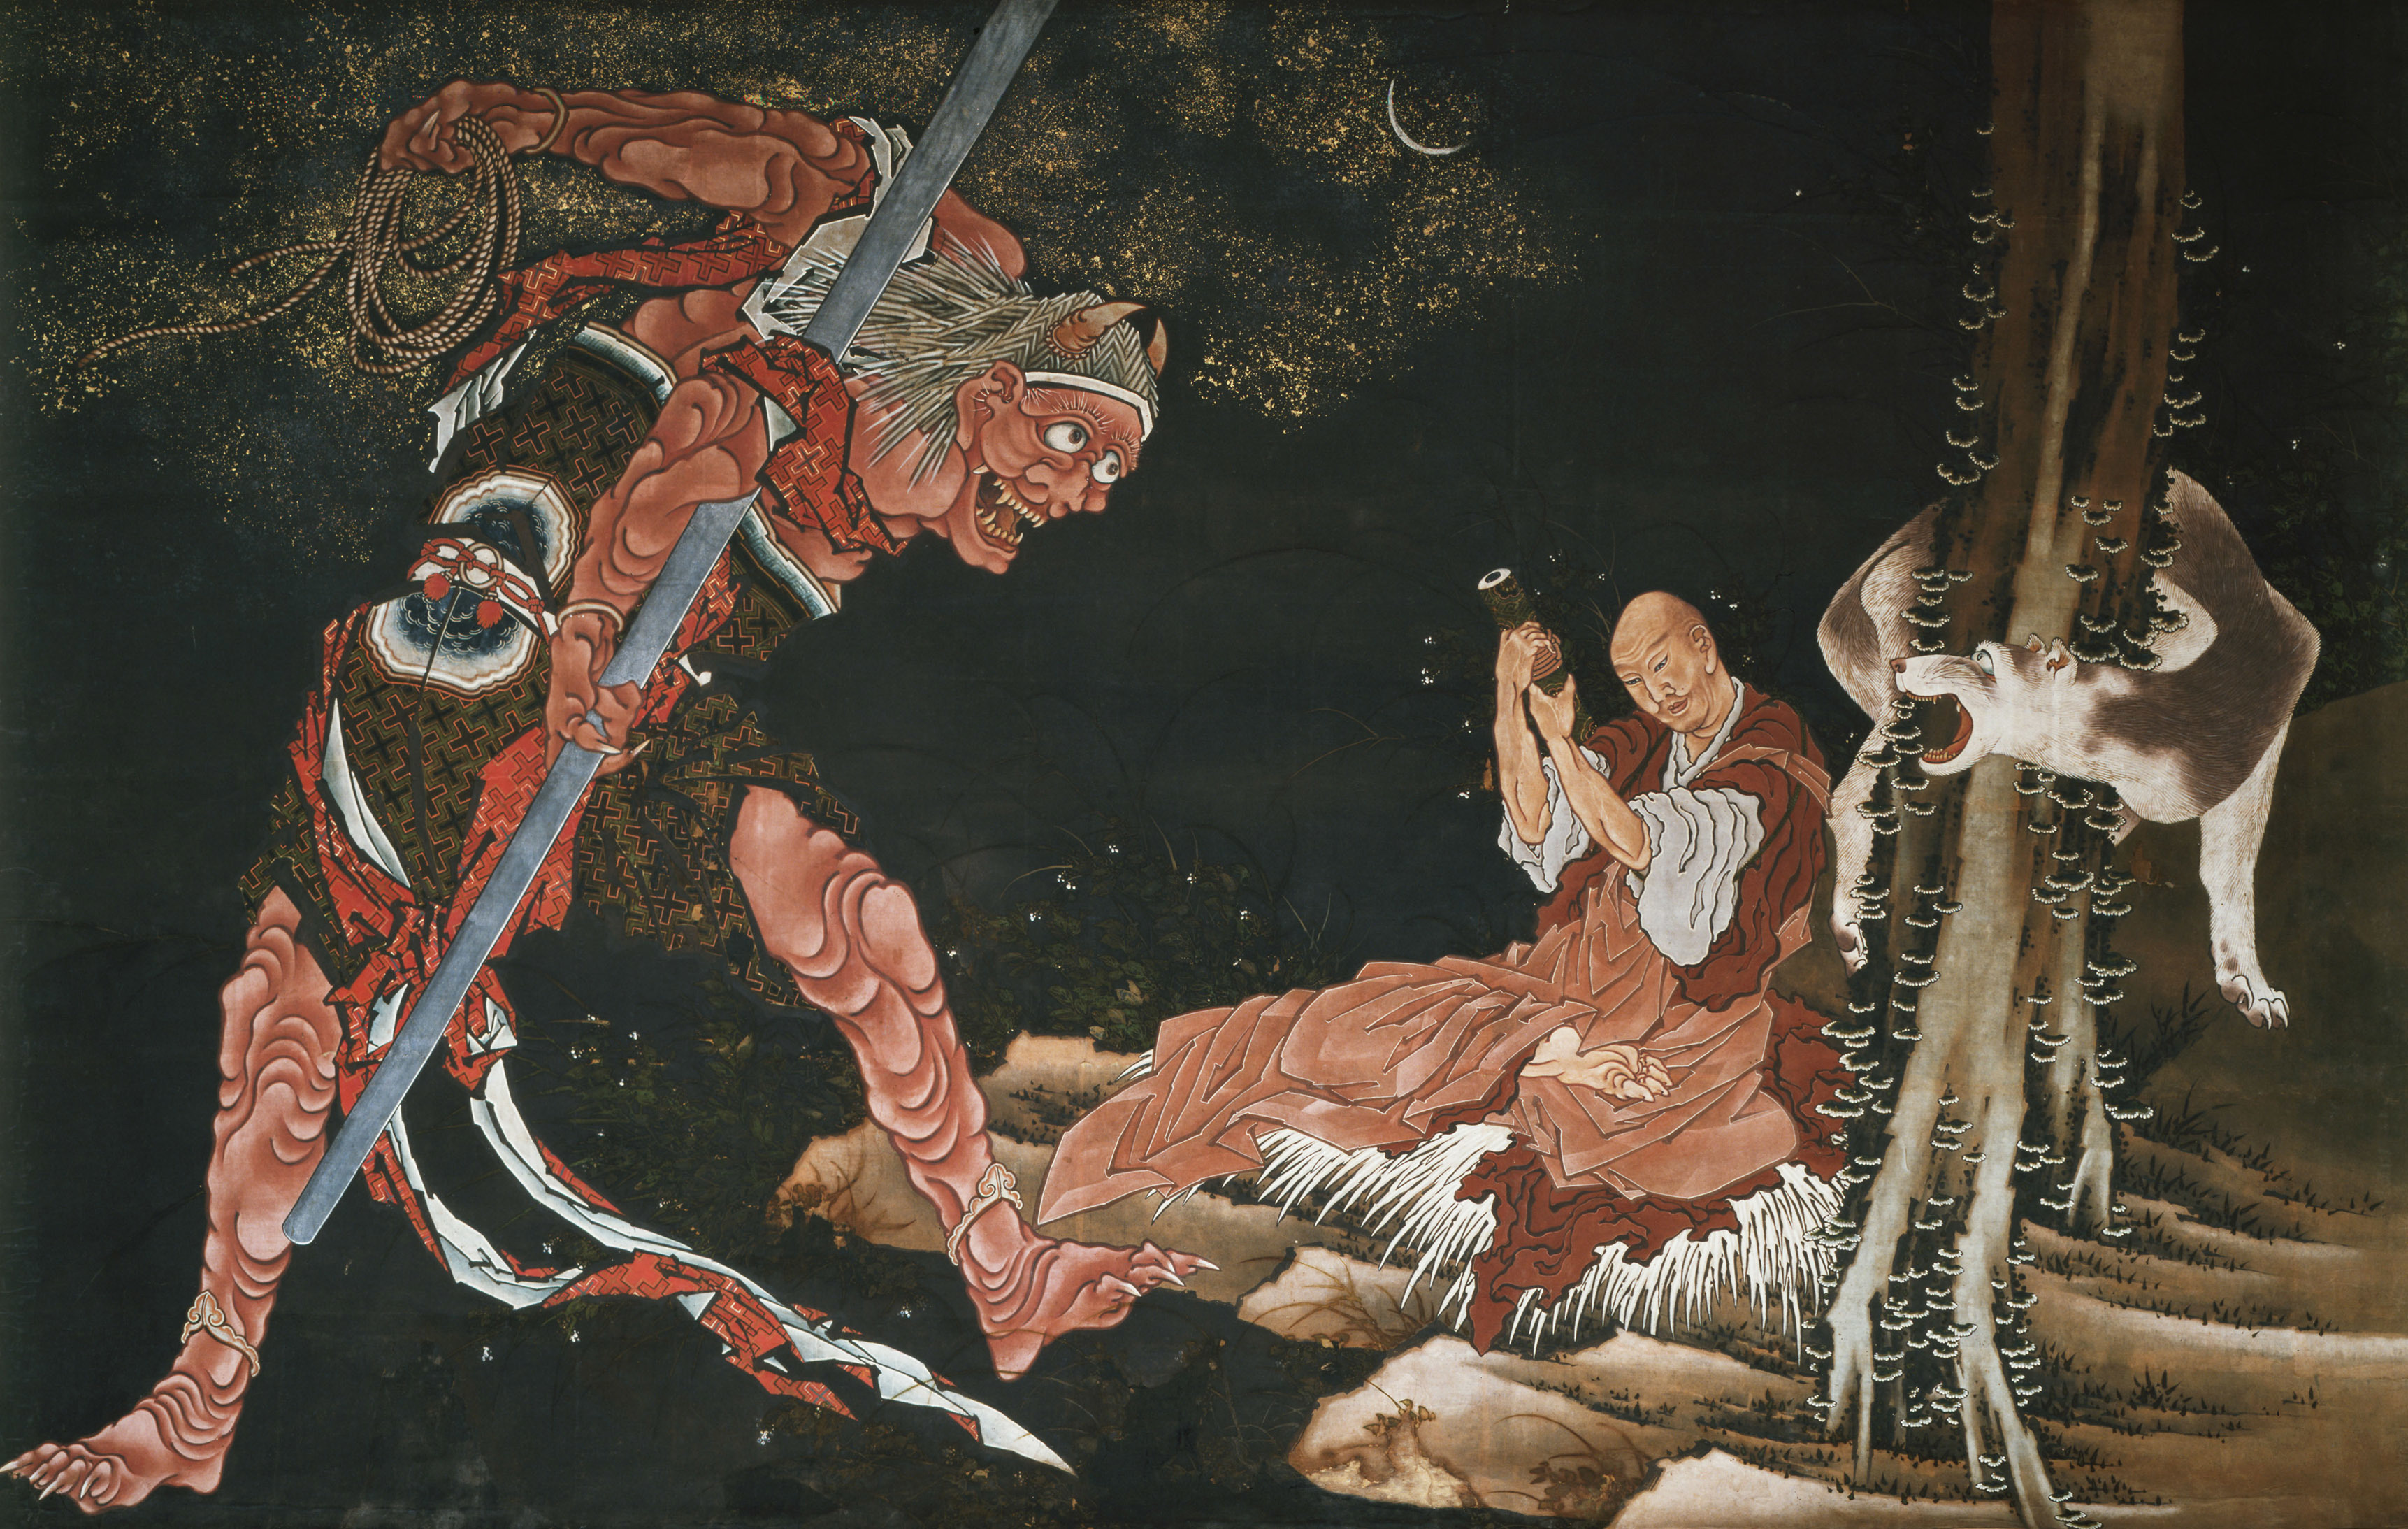 葛飾北斎《弘法大師修法図》紙本1幅 弘化年間(1844-47) 西新井大師總持寺  通期展示